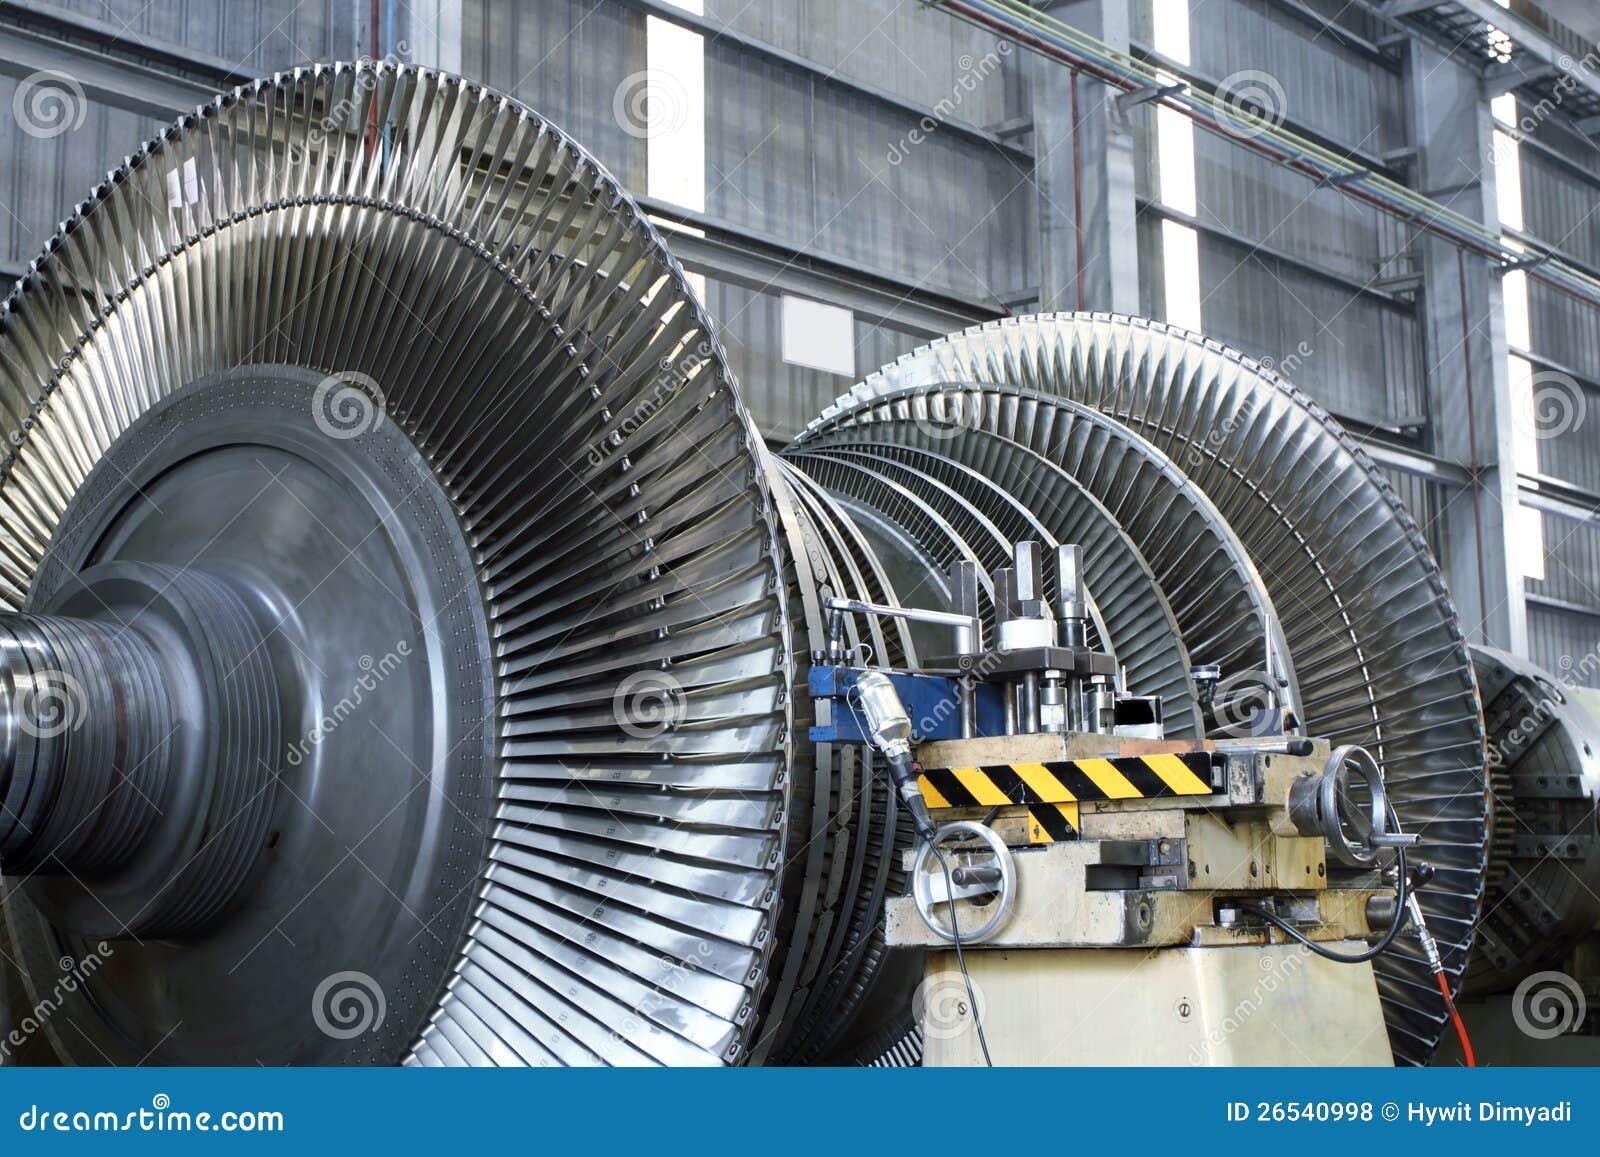 Turbine op workshop